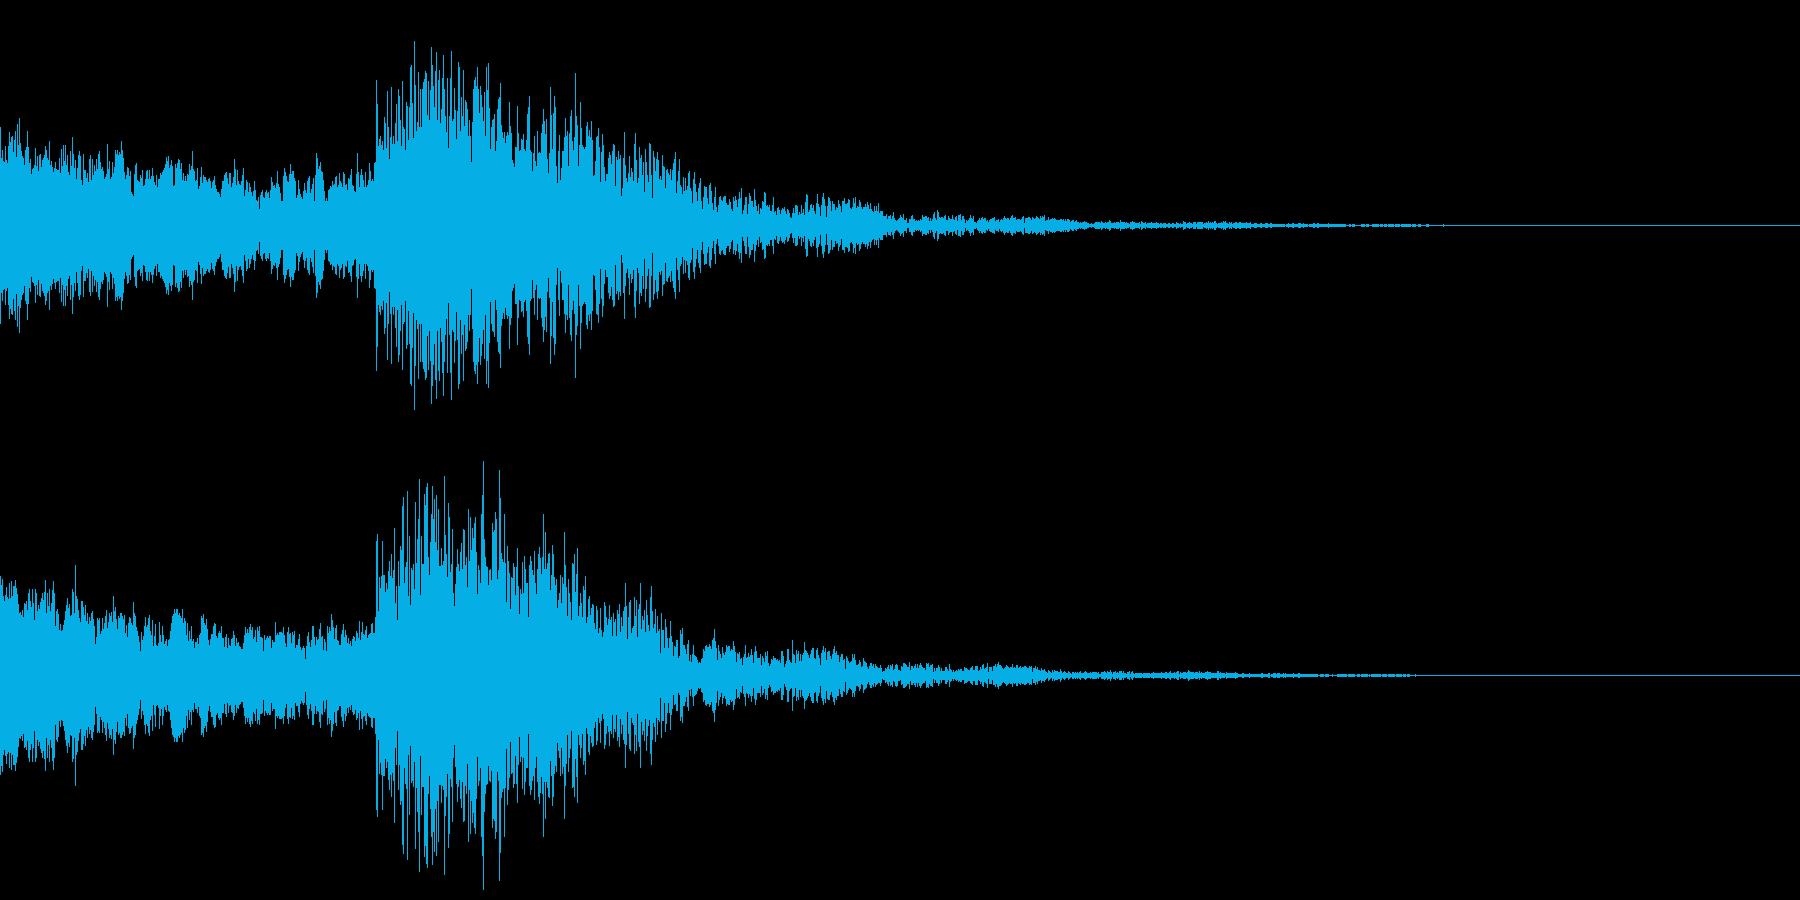 太鼓と尺八の和風インパクトジングル!13の再生済みの波形